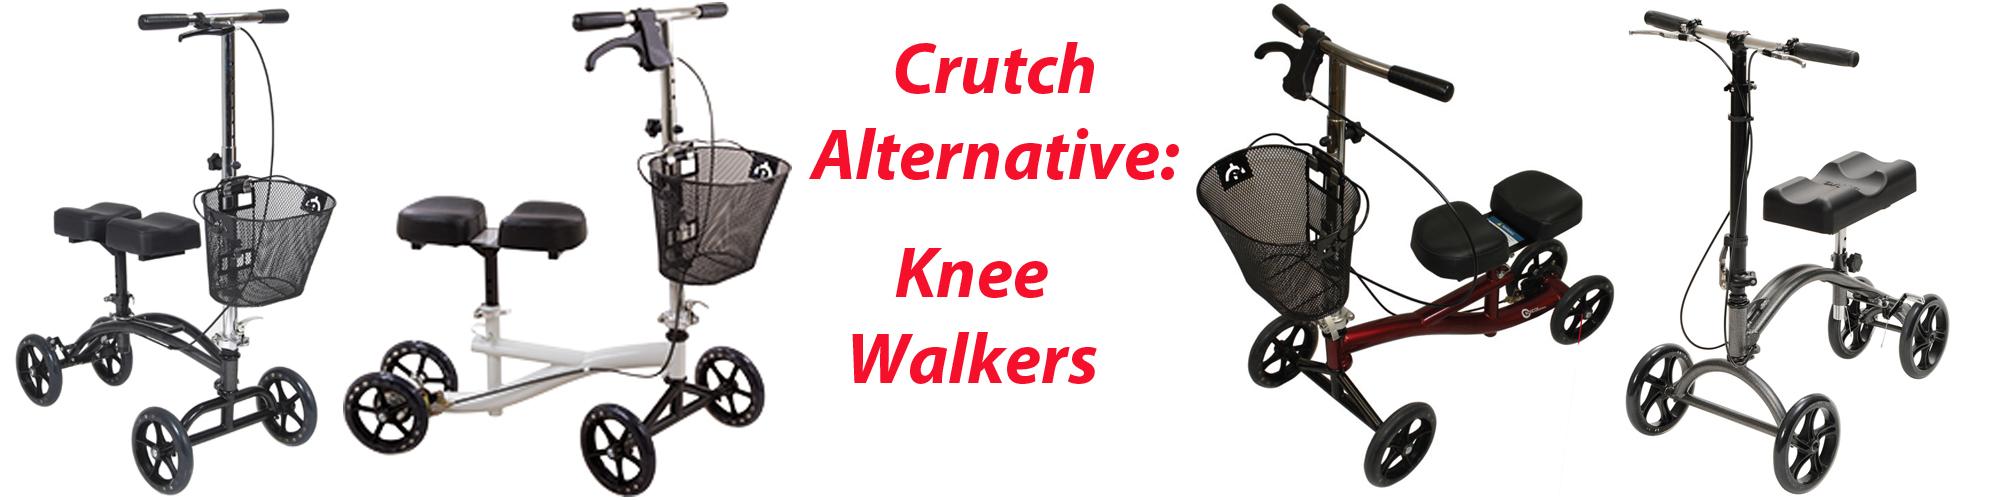 Types of Knee Walkers